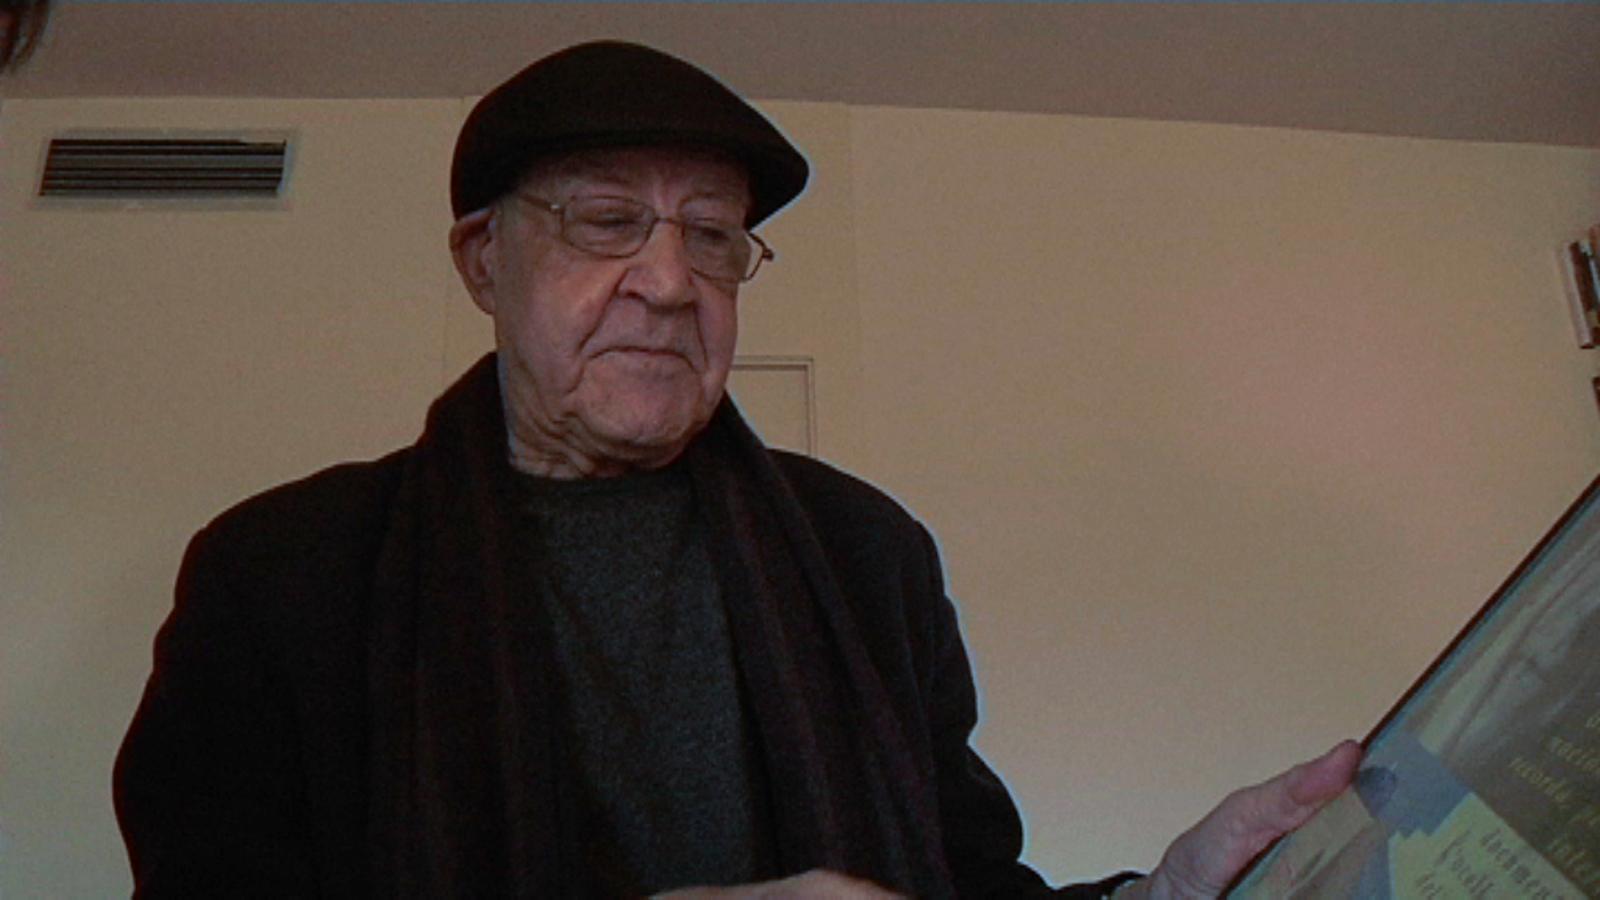 Emili Teixidor: Sense una constant memòria històrica hi ha una mena de banalització del mal